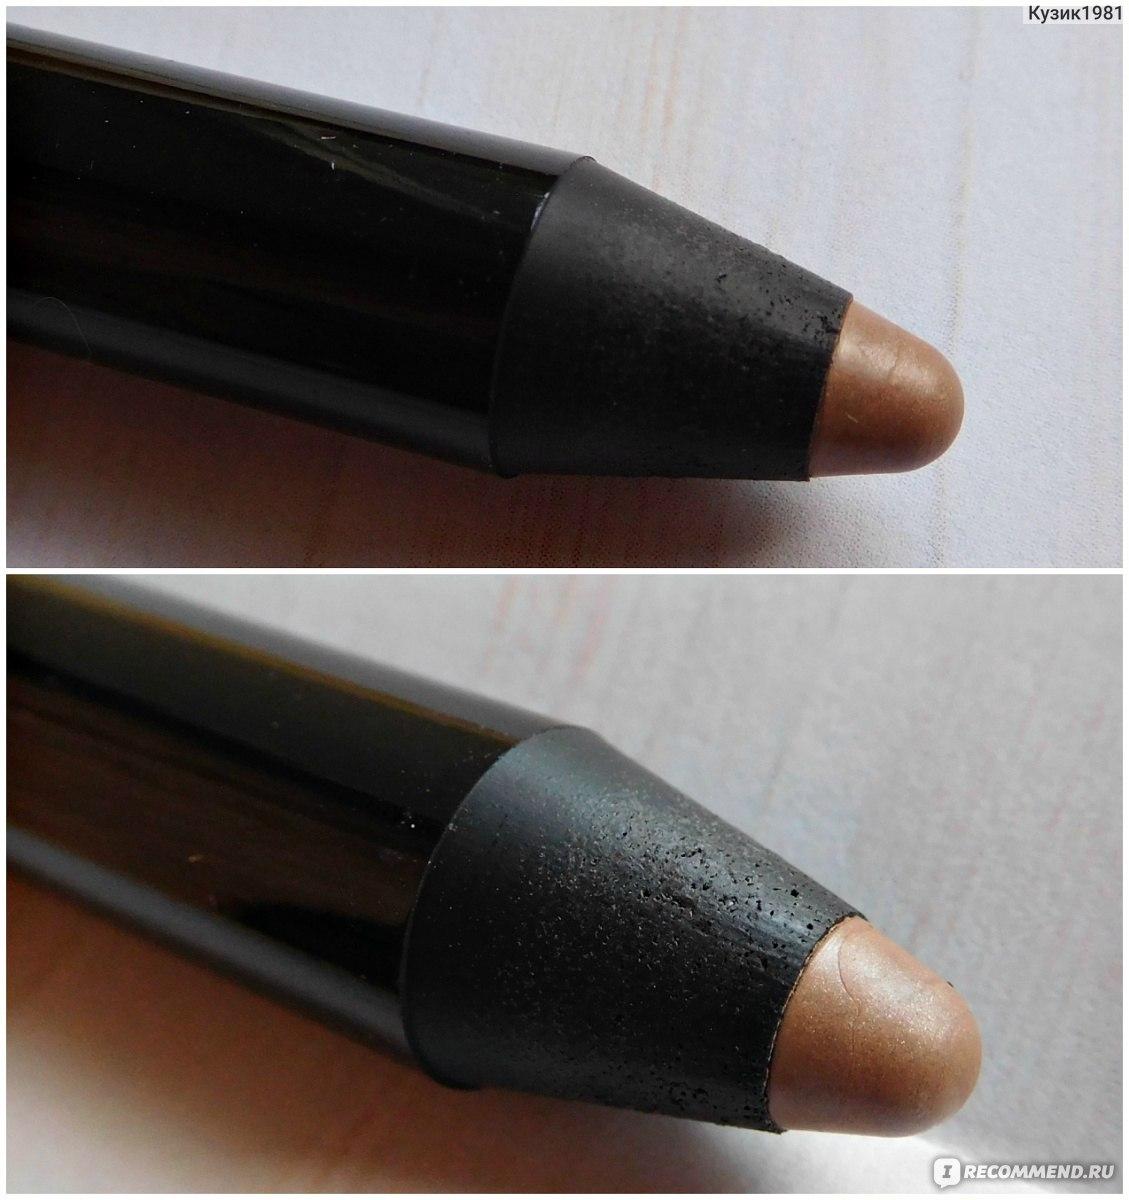 Тени карандаш mark косметика бен най купить